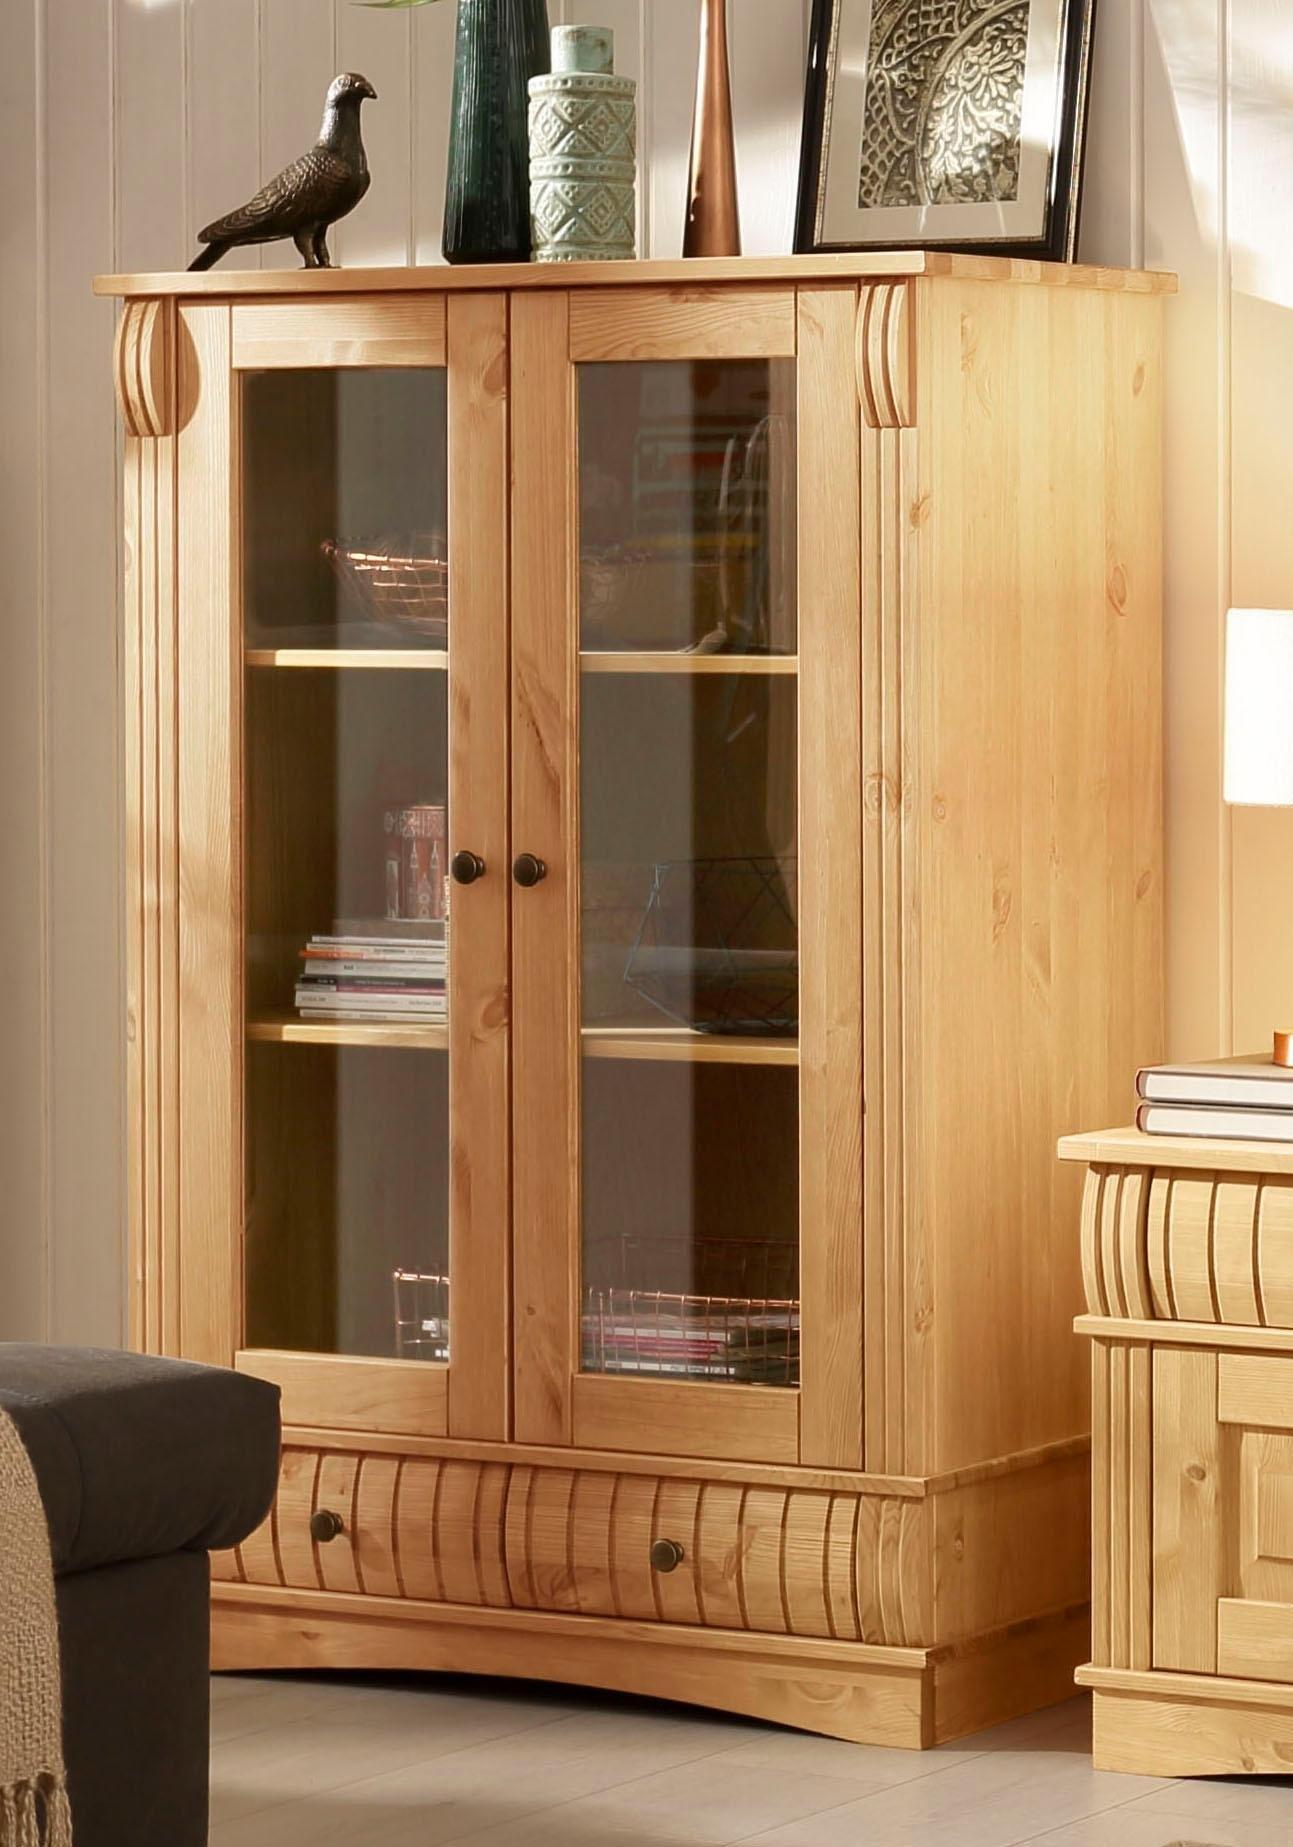 Home affaire vitrinekast »Teresa«, met 2 glasdeuren en 2 laden, hoogte 120 cm - verschillende betaalmethodes